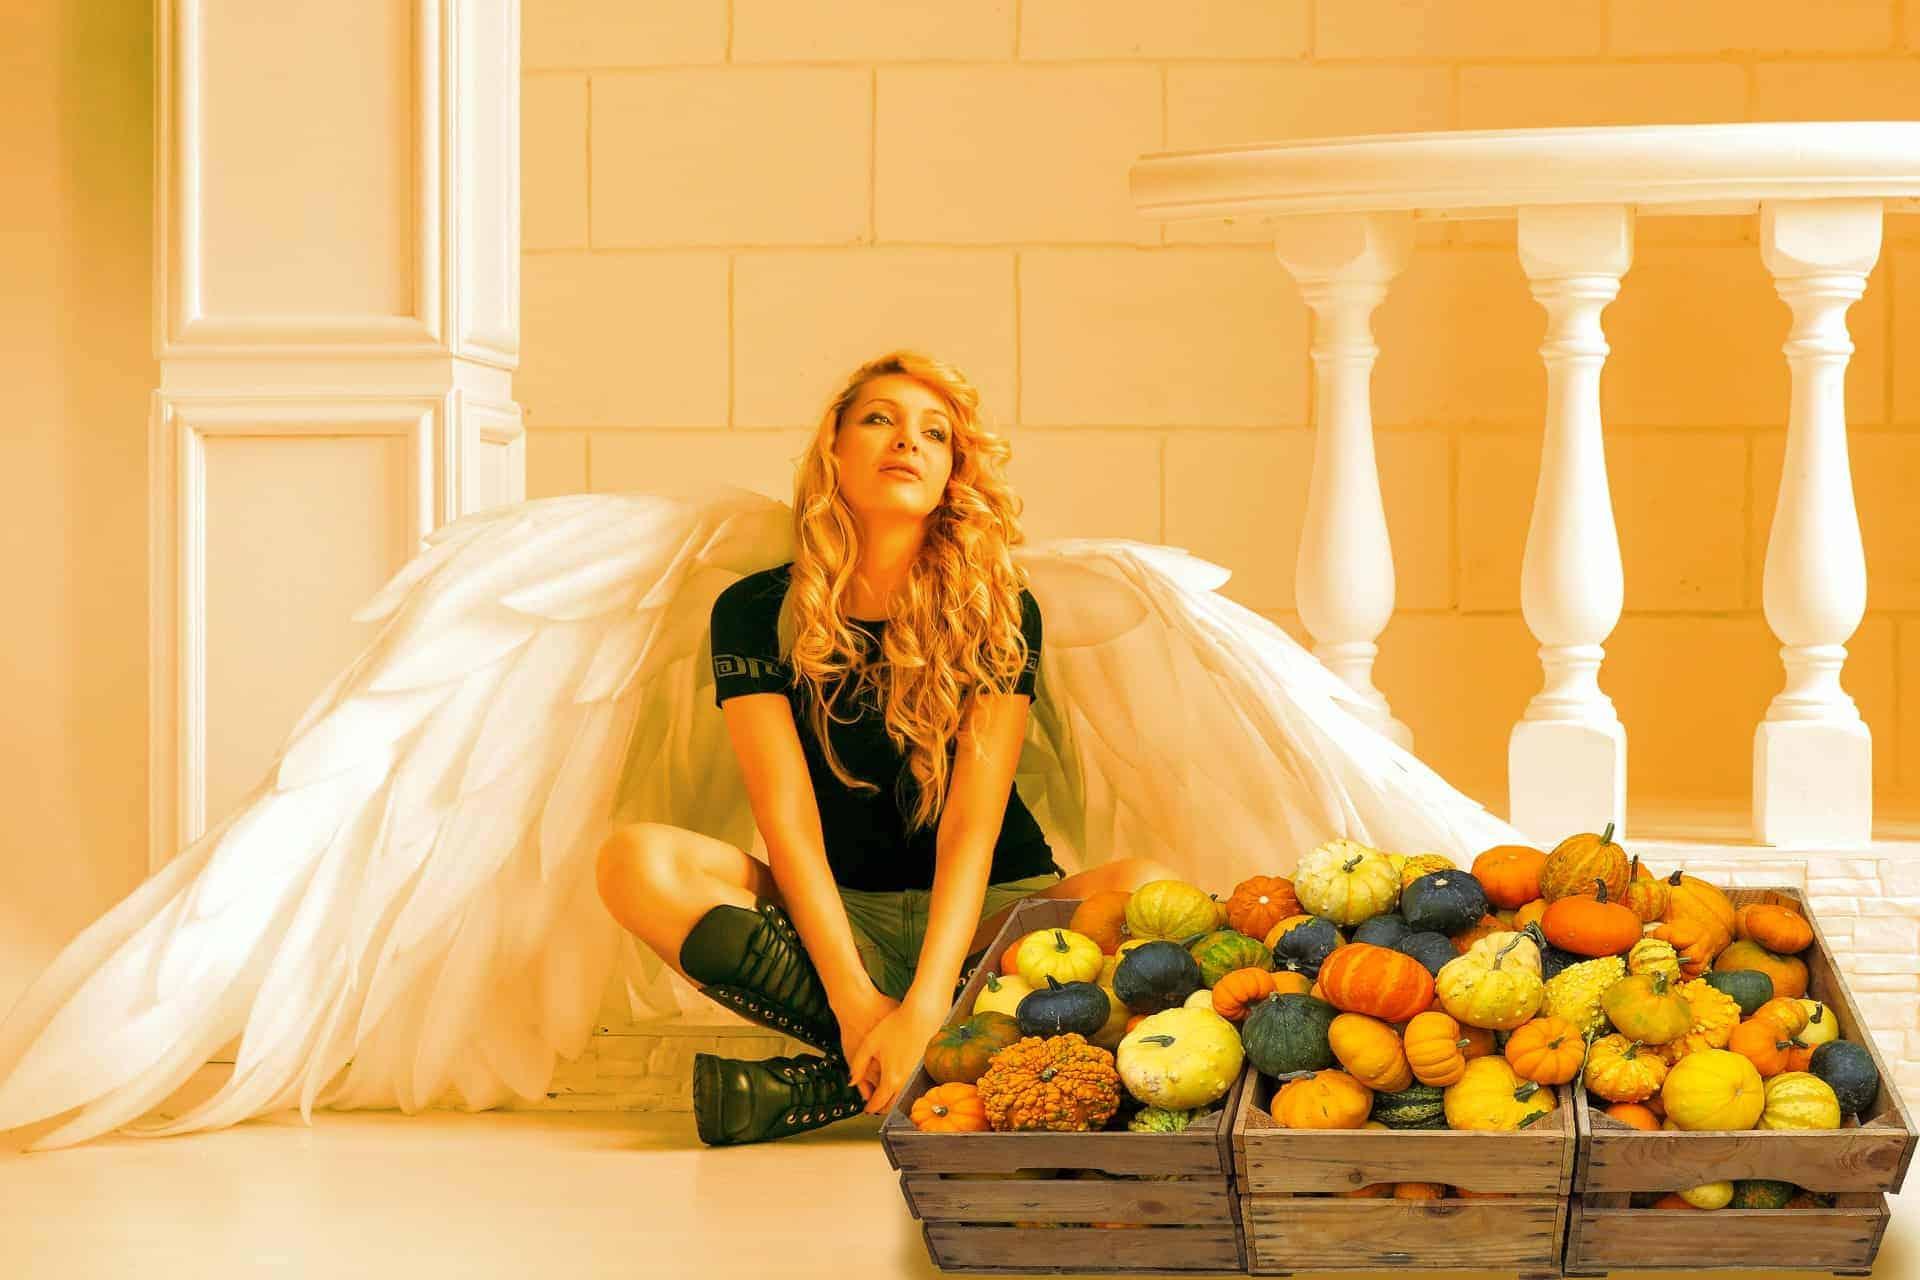 Angel eating food